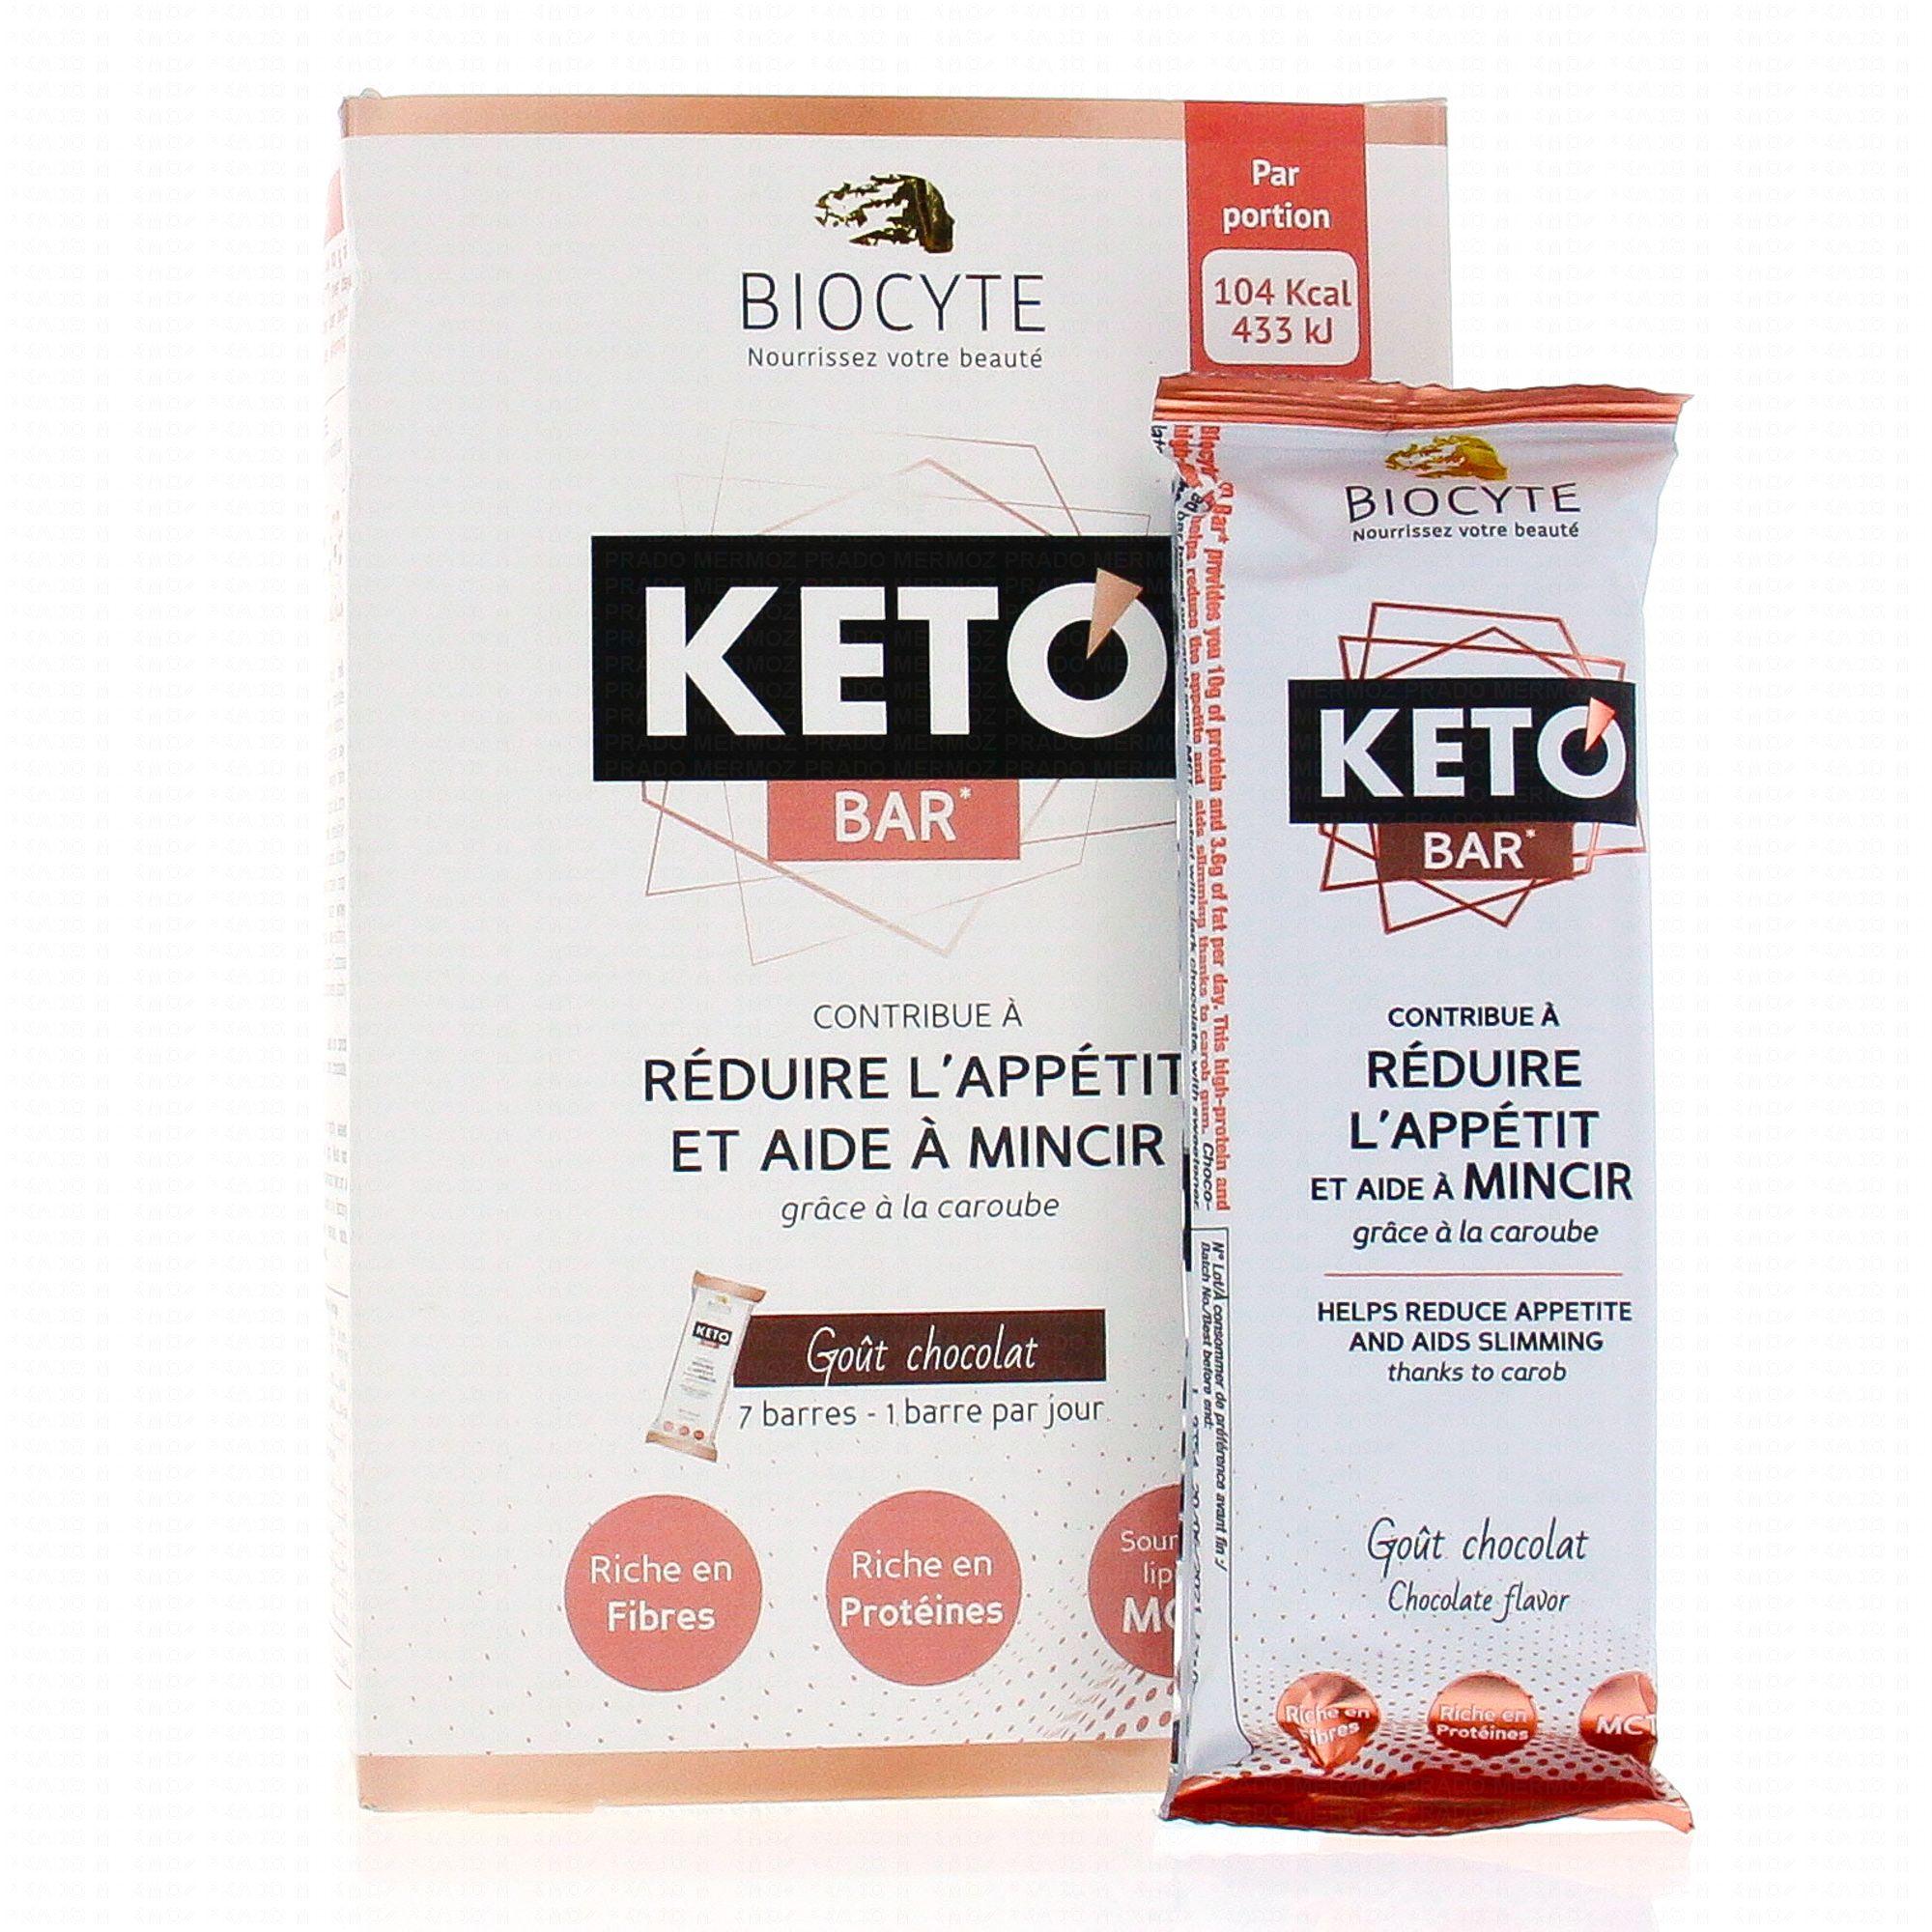 Biocyte Keto Bar 7 Barres